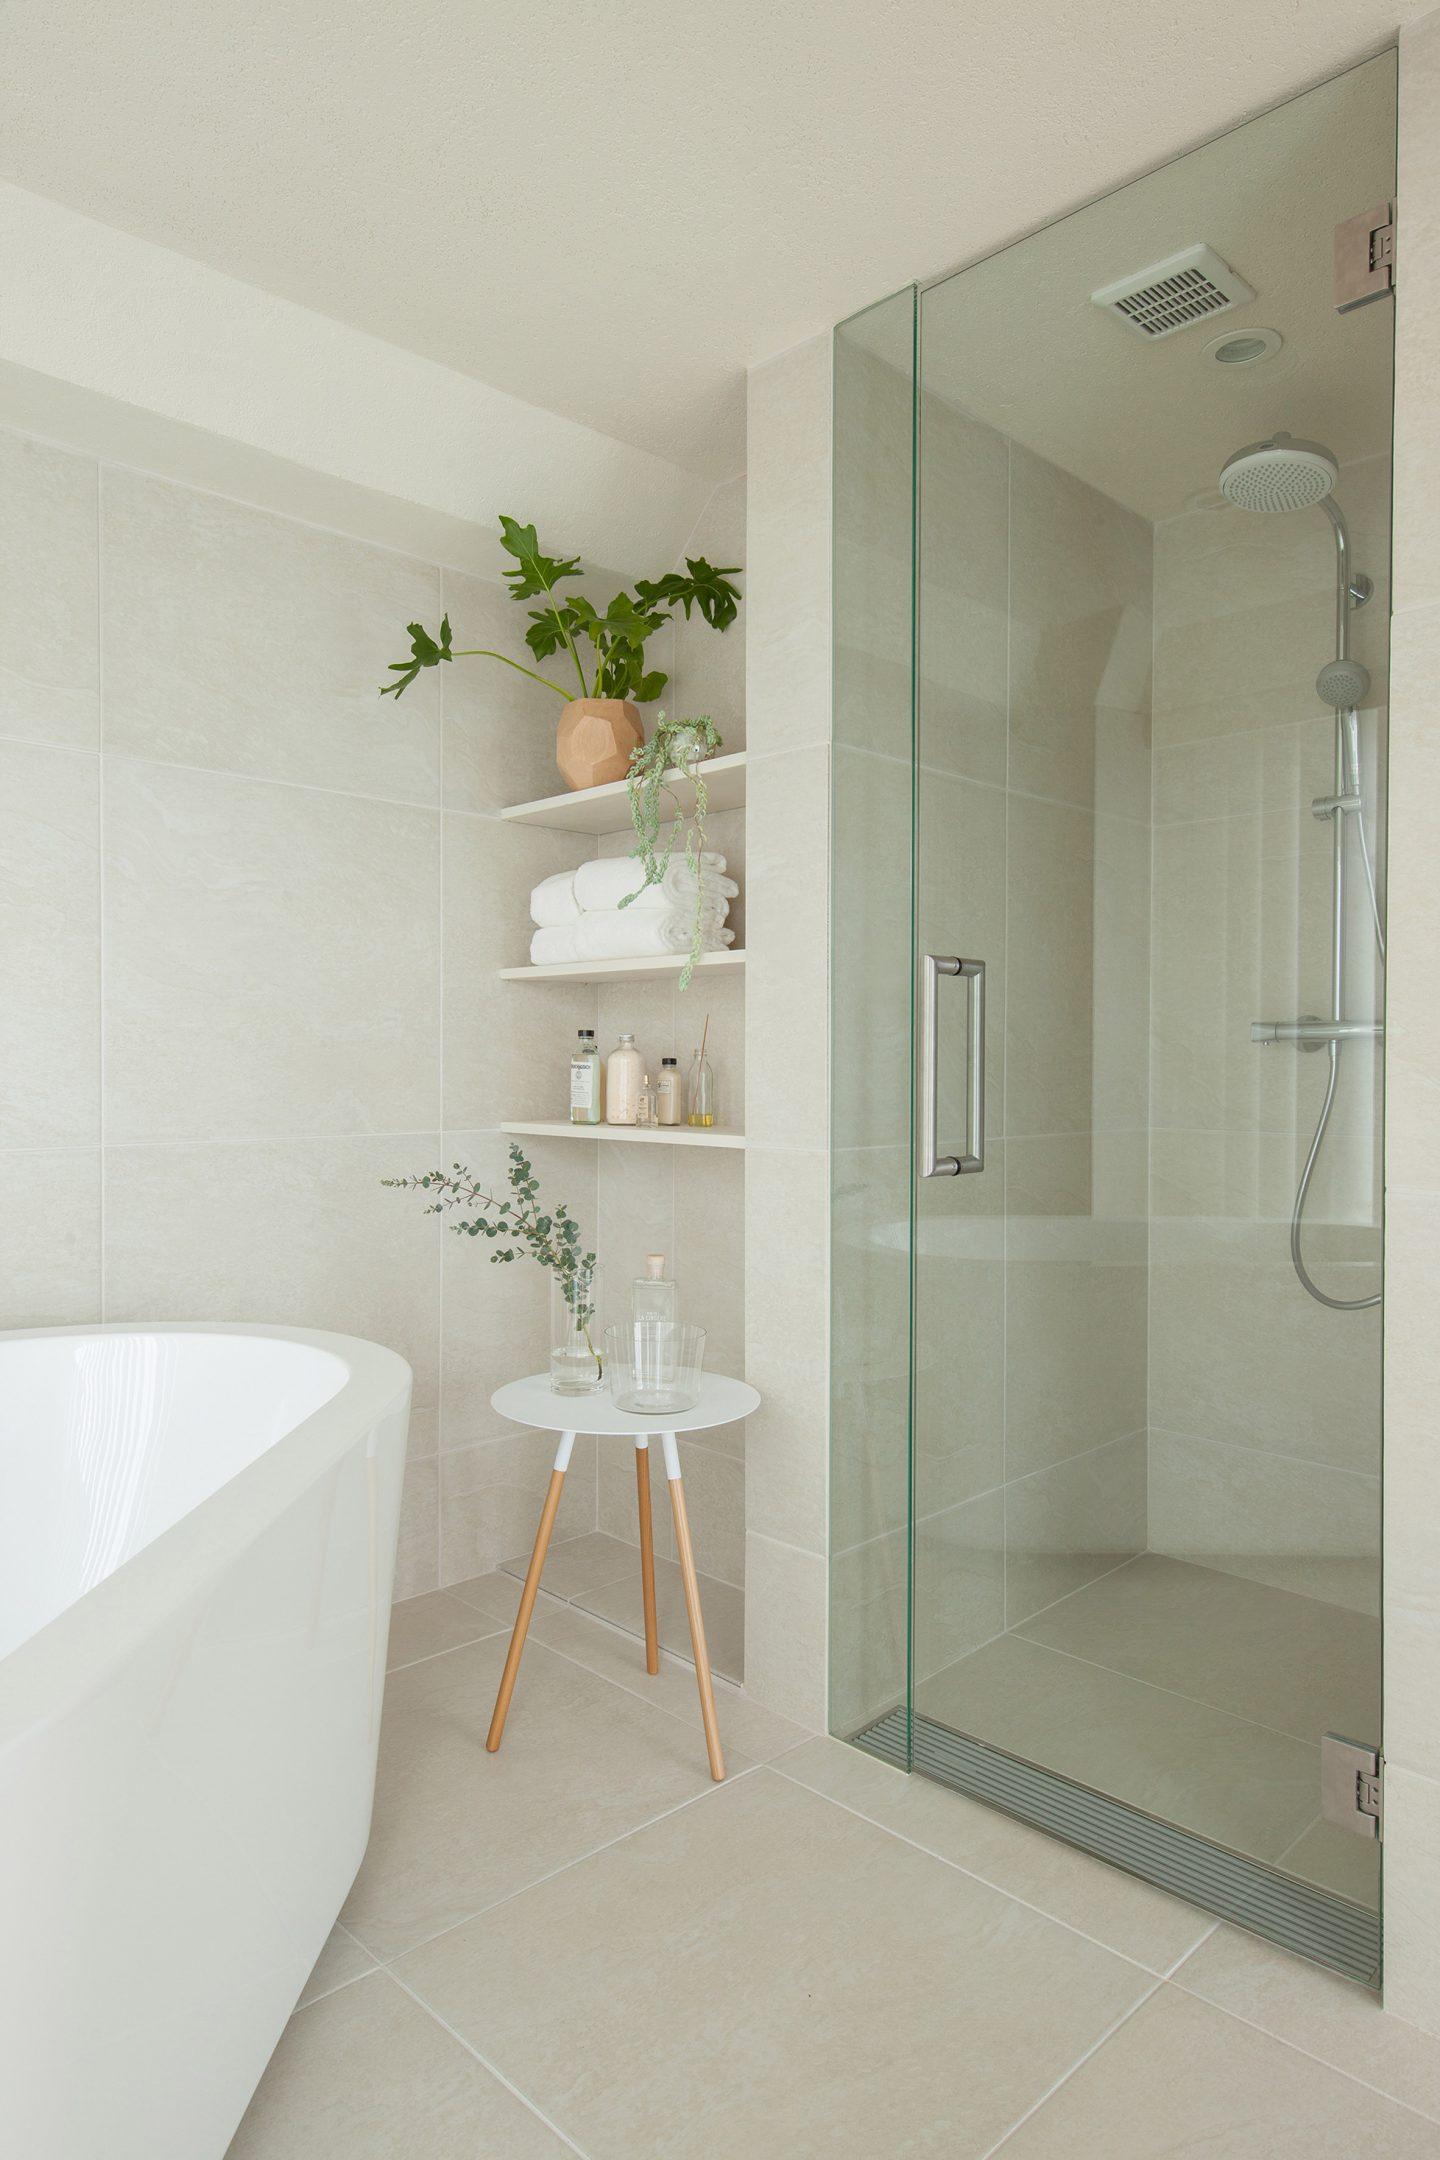 iGNANT-Architecture-Hiroyuki-Ogawa-Shibuya-Apartment-14